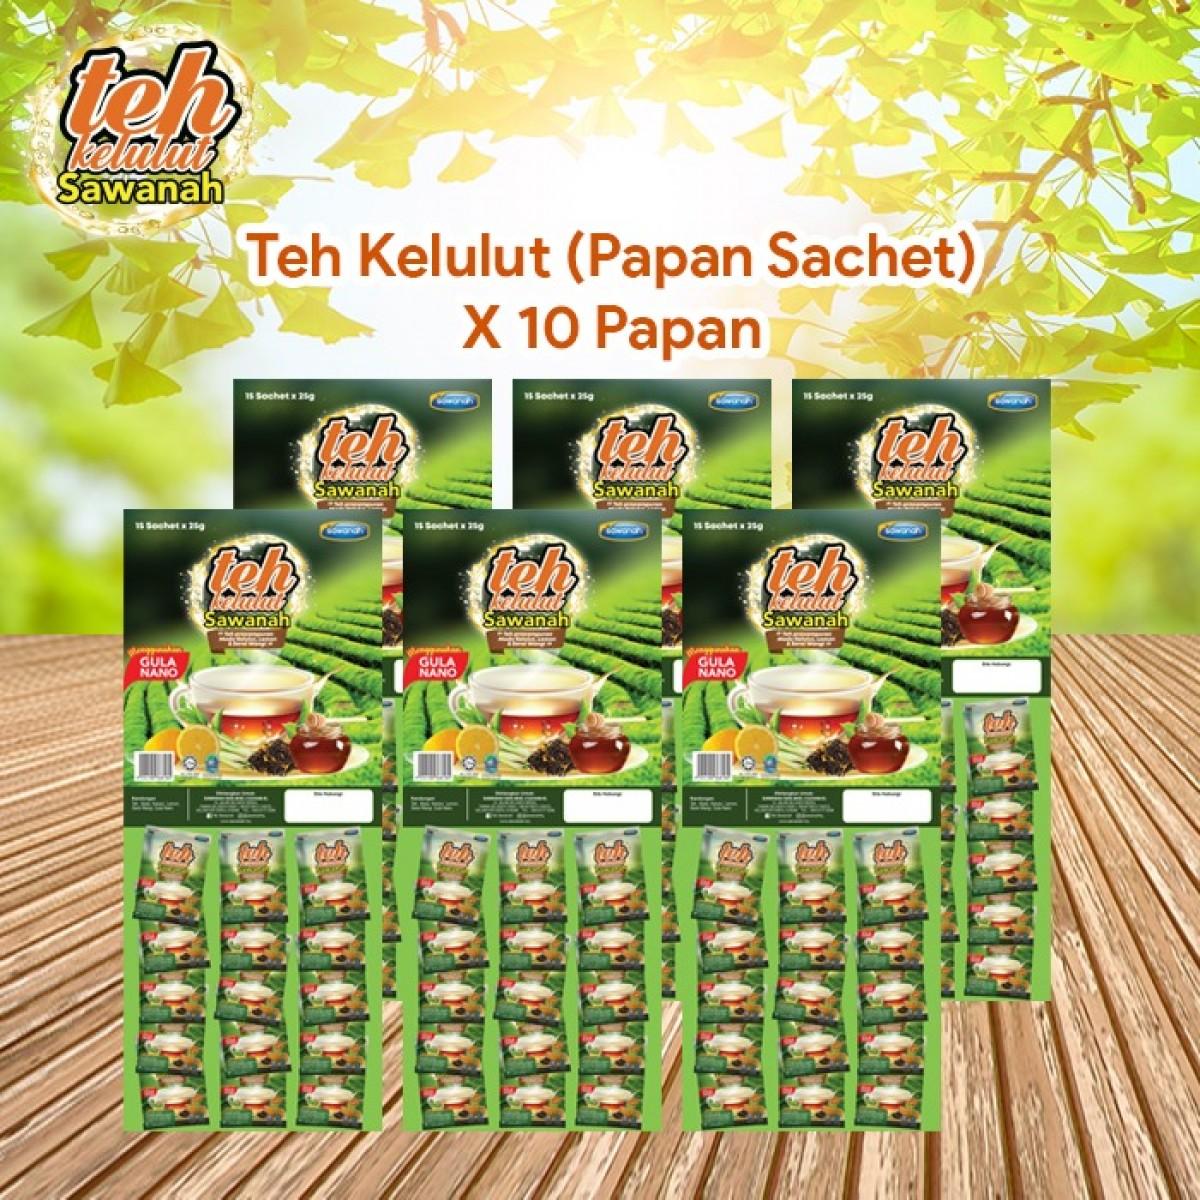 AGEN Teh Madu Kelulut - Papan Sachet (10 pek) - Sawanah HQ